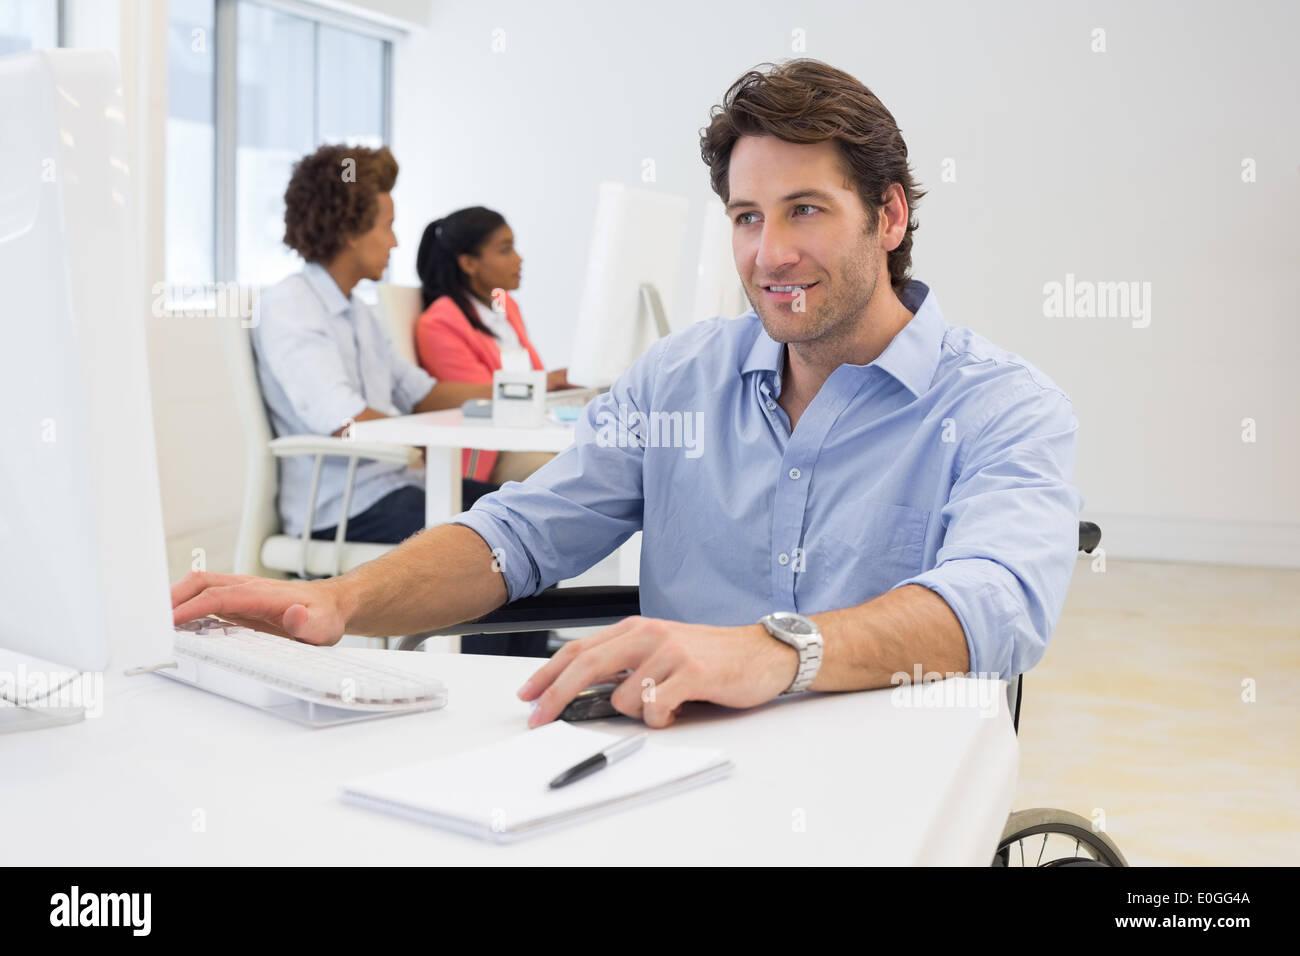 Empresario con discapacidad trabaja duro Imagen De Stock